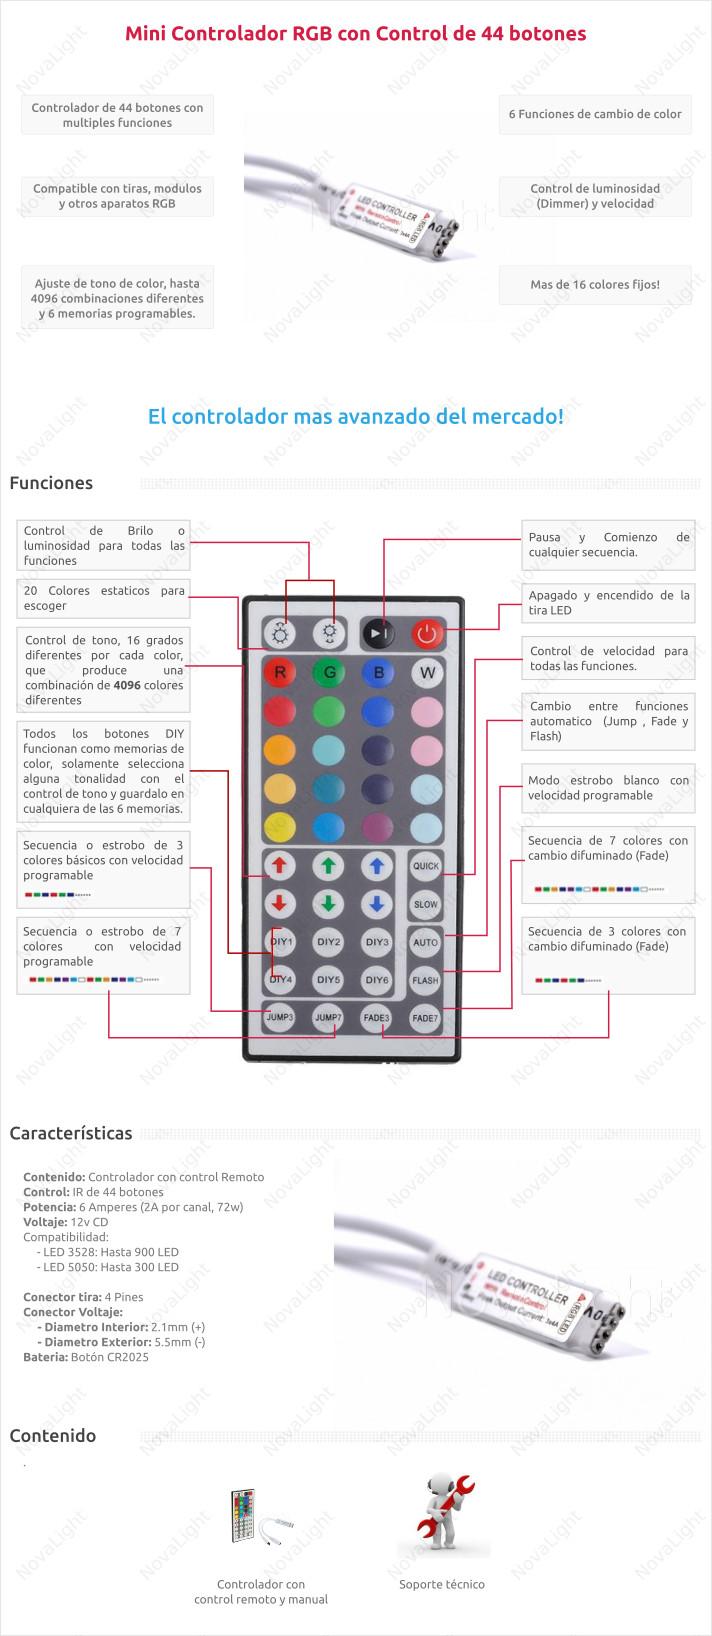 Controlador con control remoto de 44 botones para tiras, modulos y otros sistemas LED RGB Multicolor